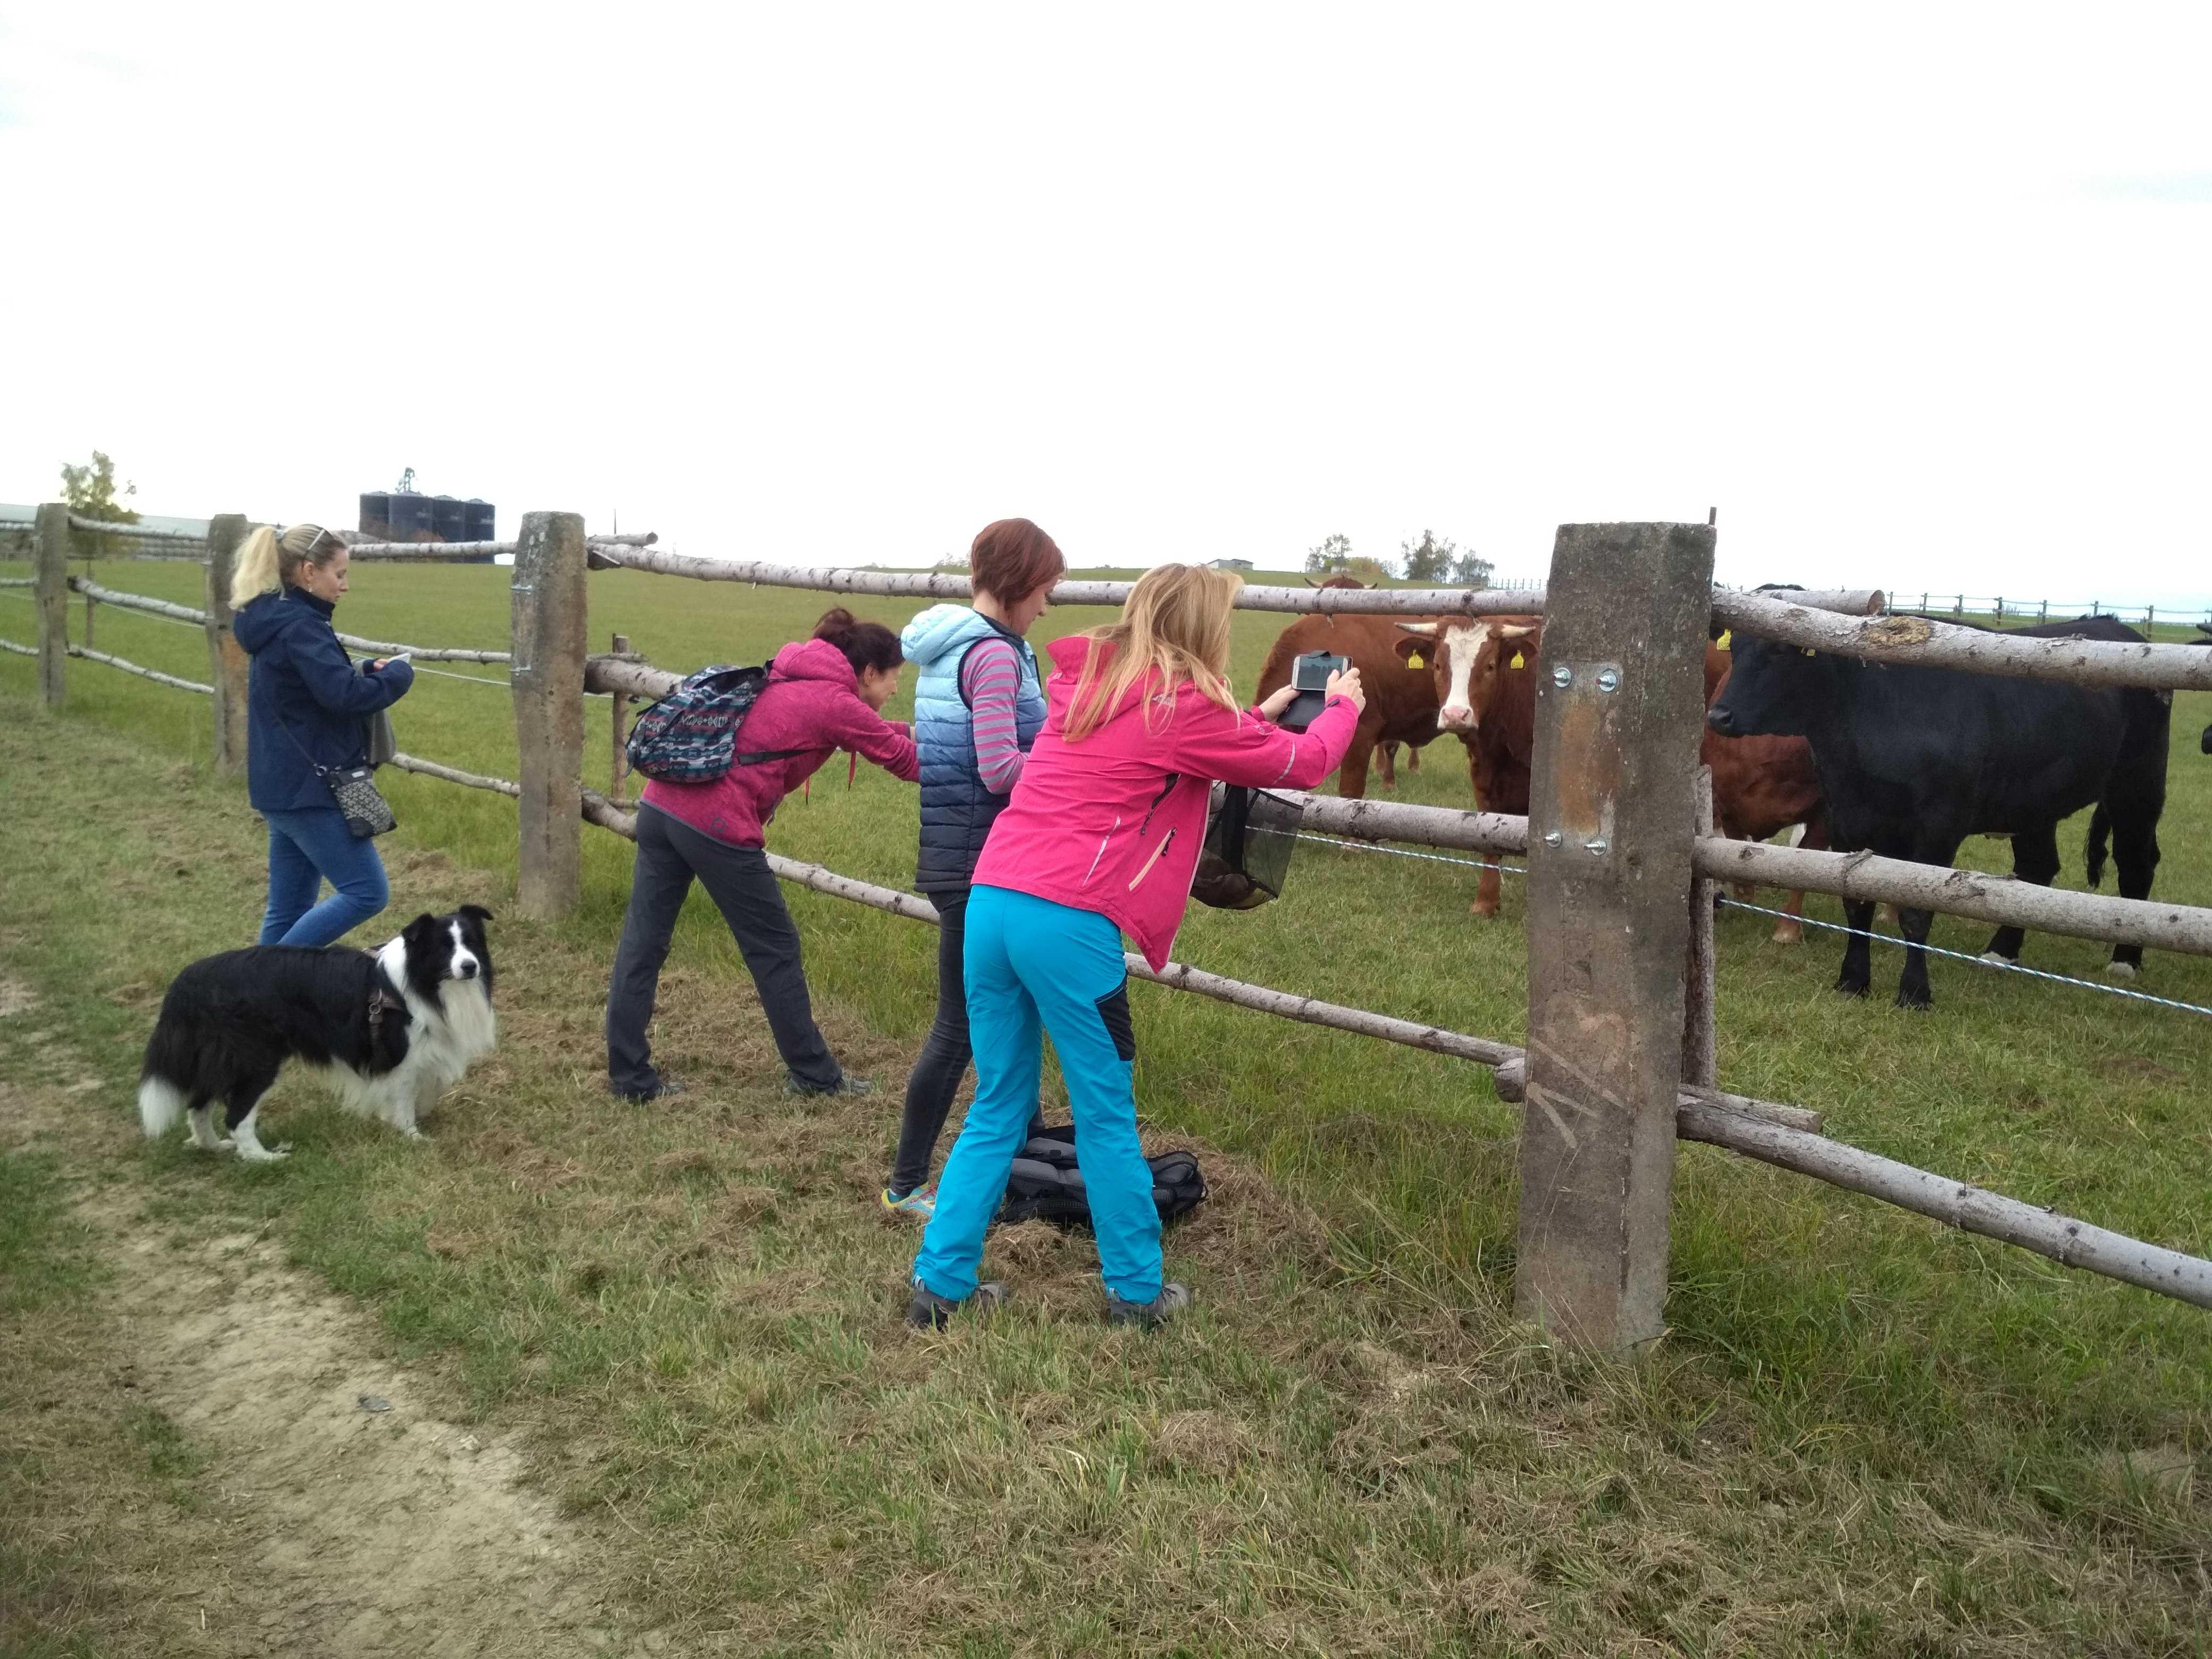 cestou si fotíme krávy :)